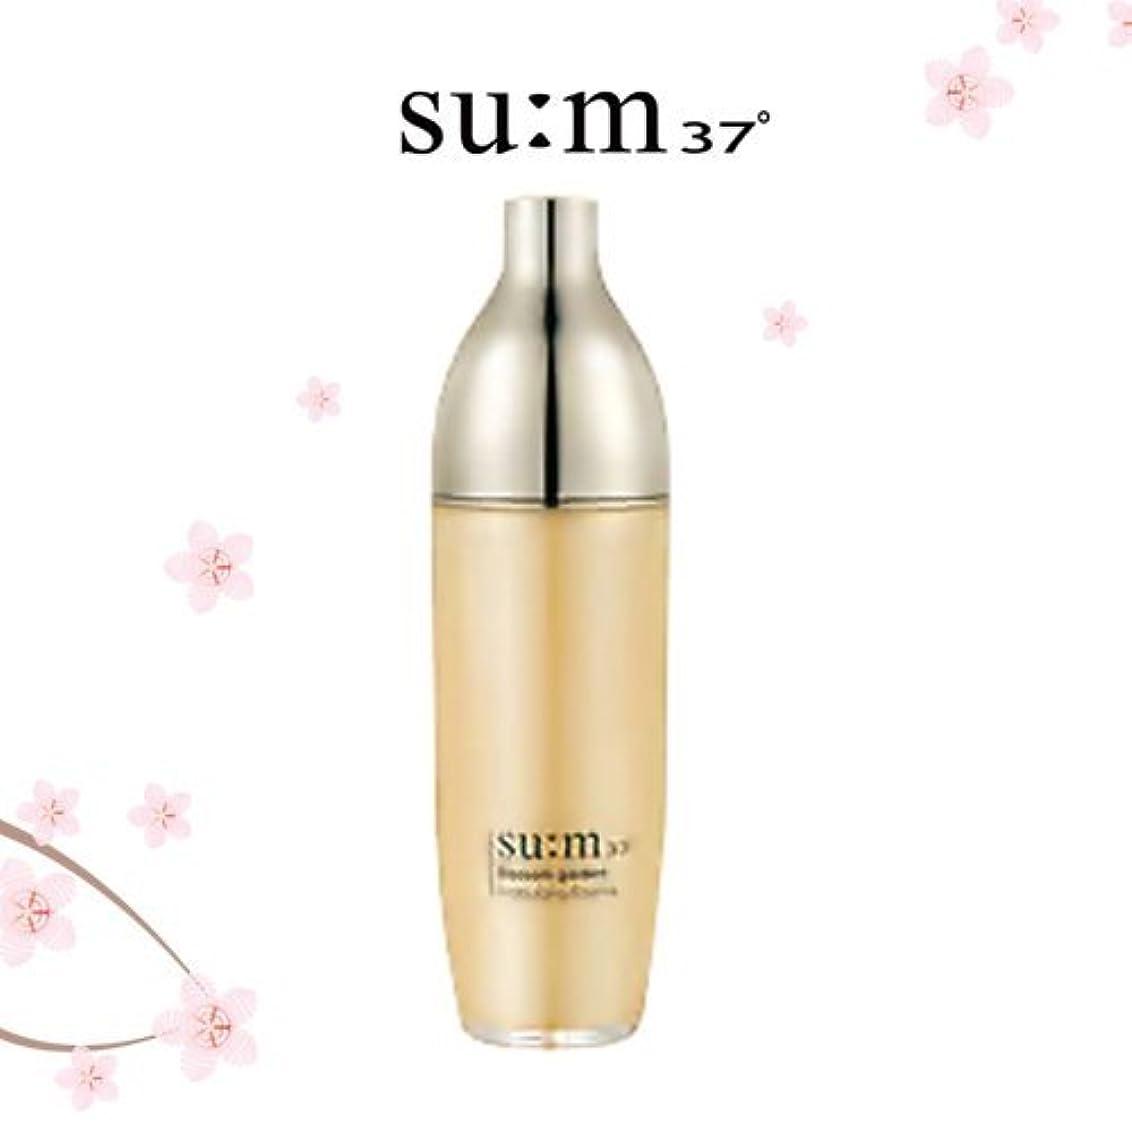 円形適切な保護するsum37(スム37)ブロッサムガーデンモイスチャライジングエッセンス40ml(blossom garden moisturizing essence)(並行輸入品)